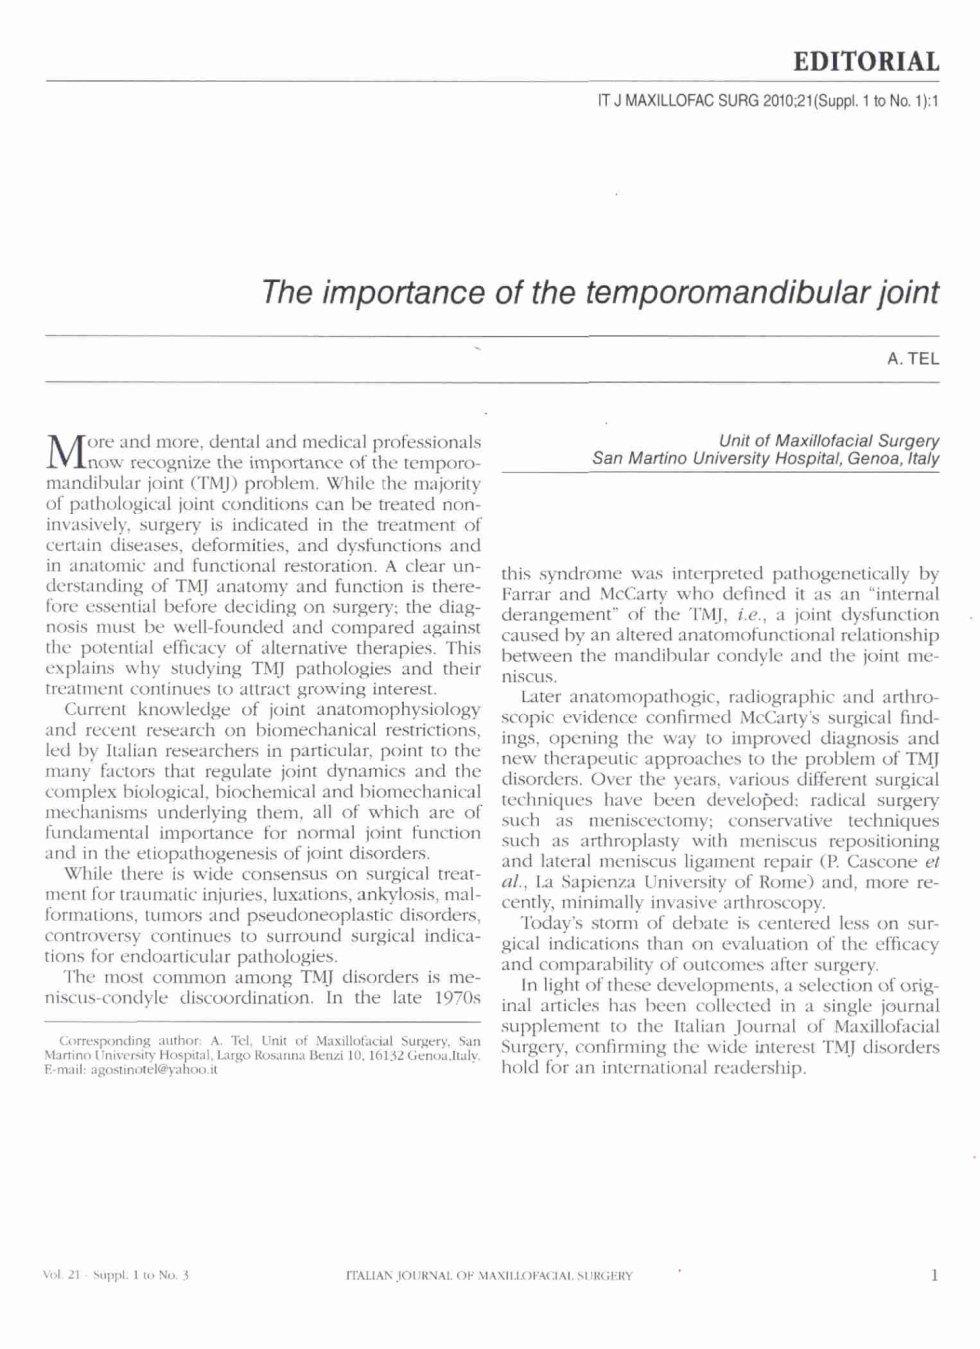 monografia su articolazione temporo mandibolare